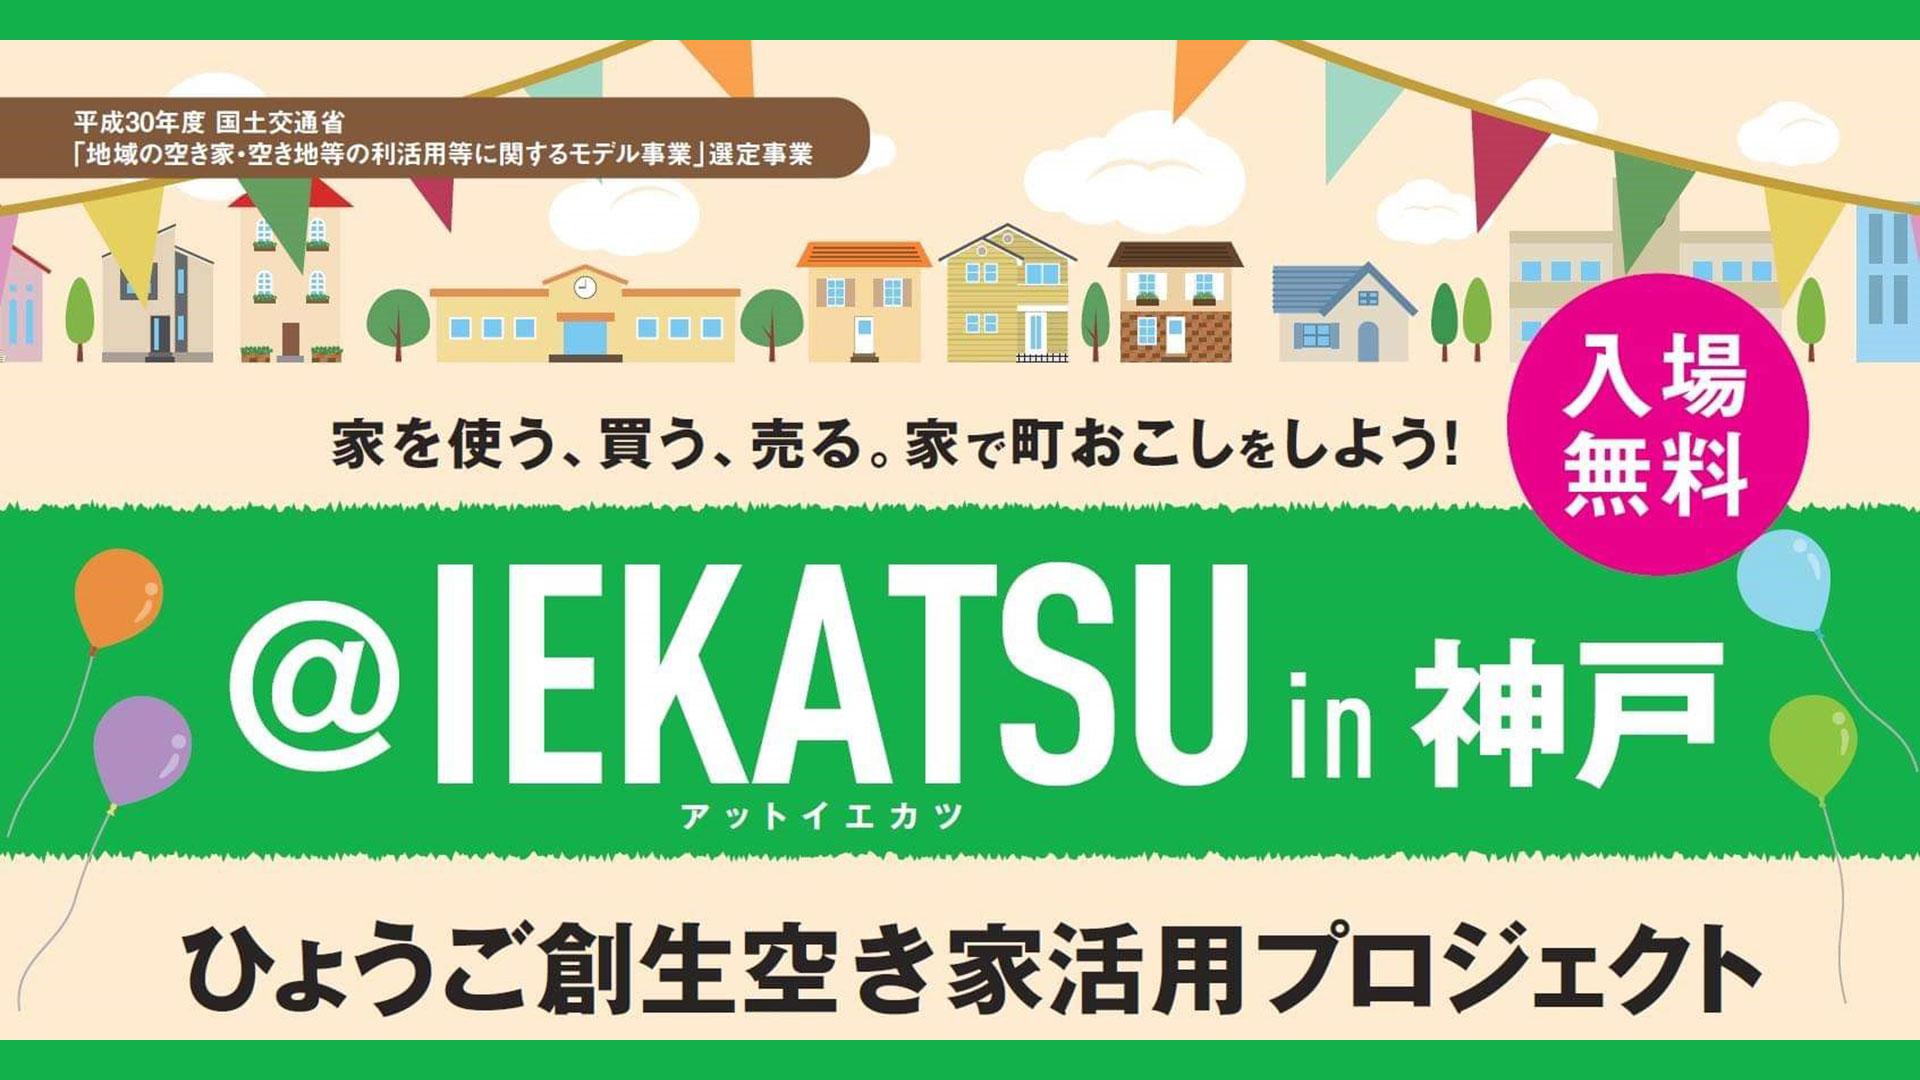 空き家の利活用啓発イベント@IEKATSU